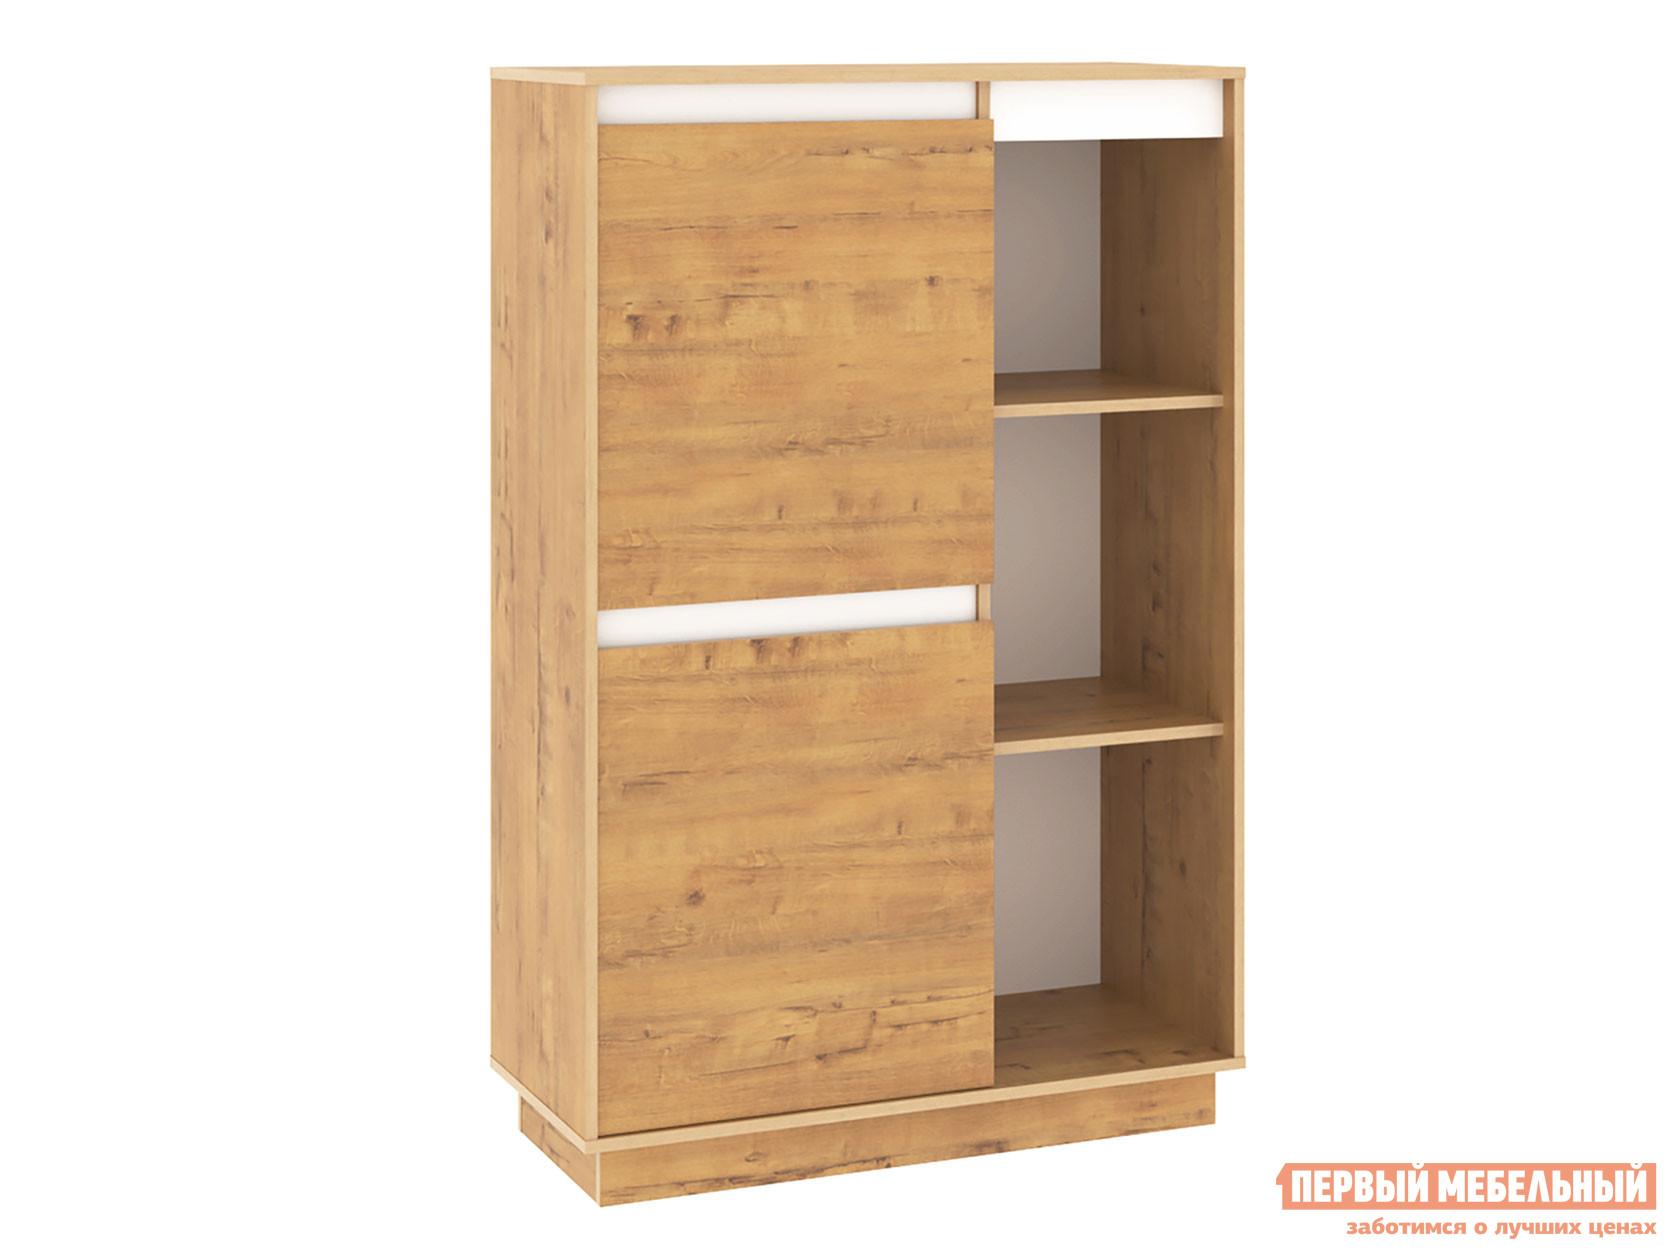 Стеллаж Первый Мебельный Шкаф комбинированный левый 011.85 Вирджиния / Шкаф комбинированный правый 011.85 Вирджиния стеллаж комбинированный ассоль